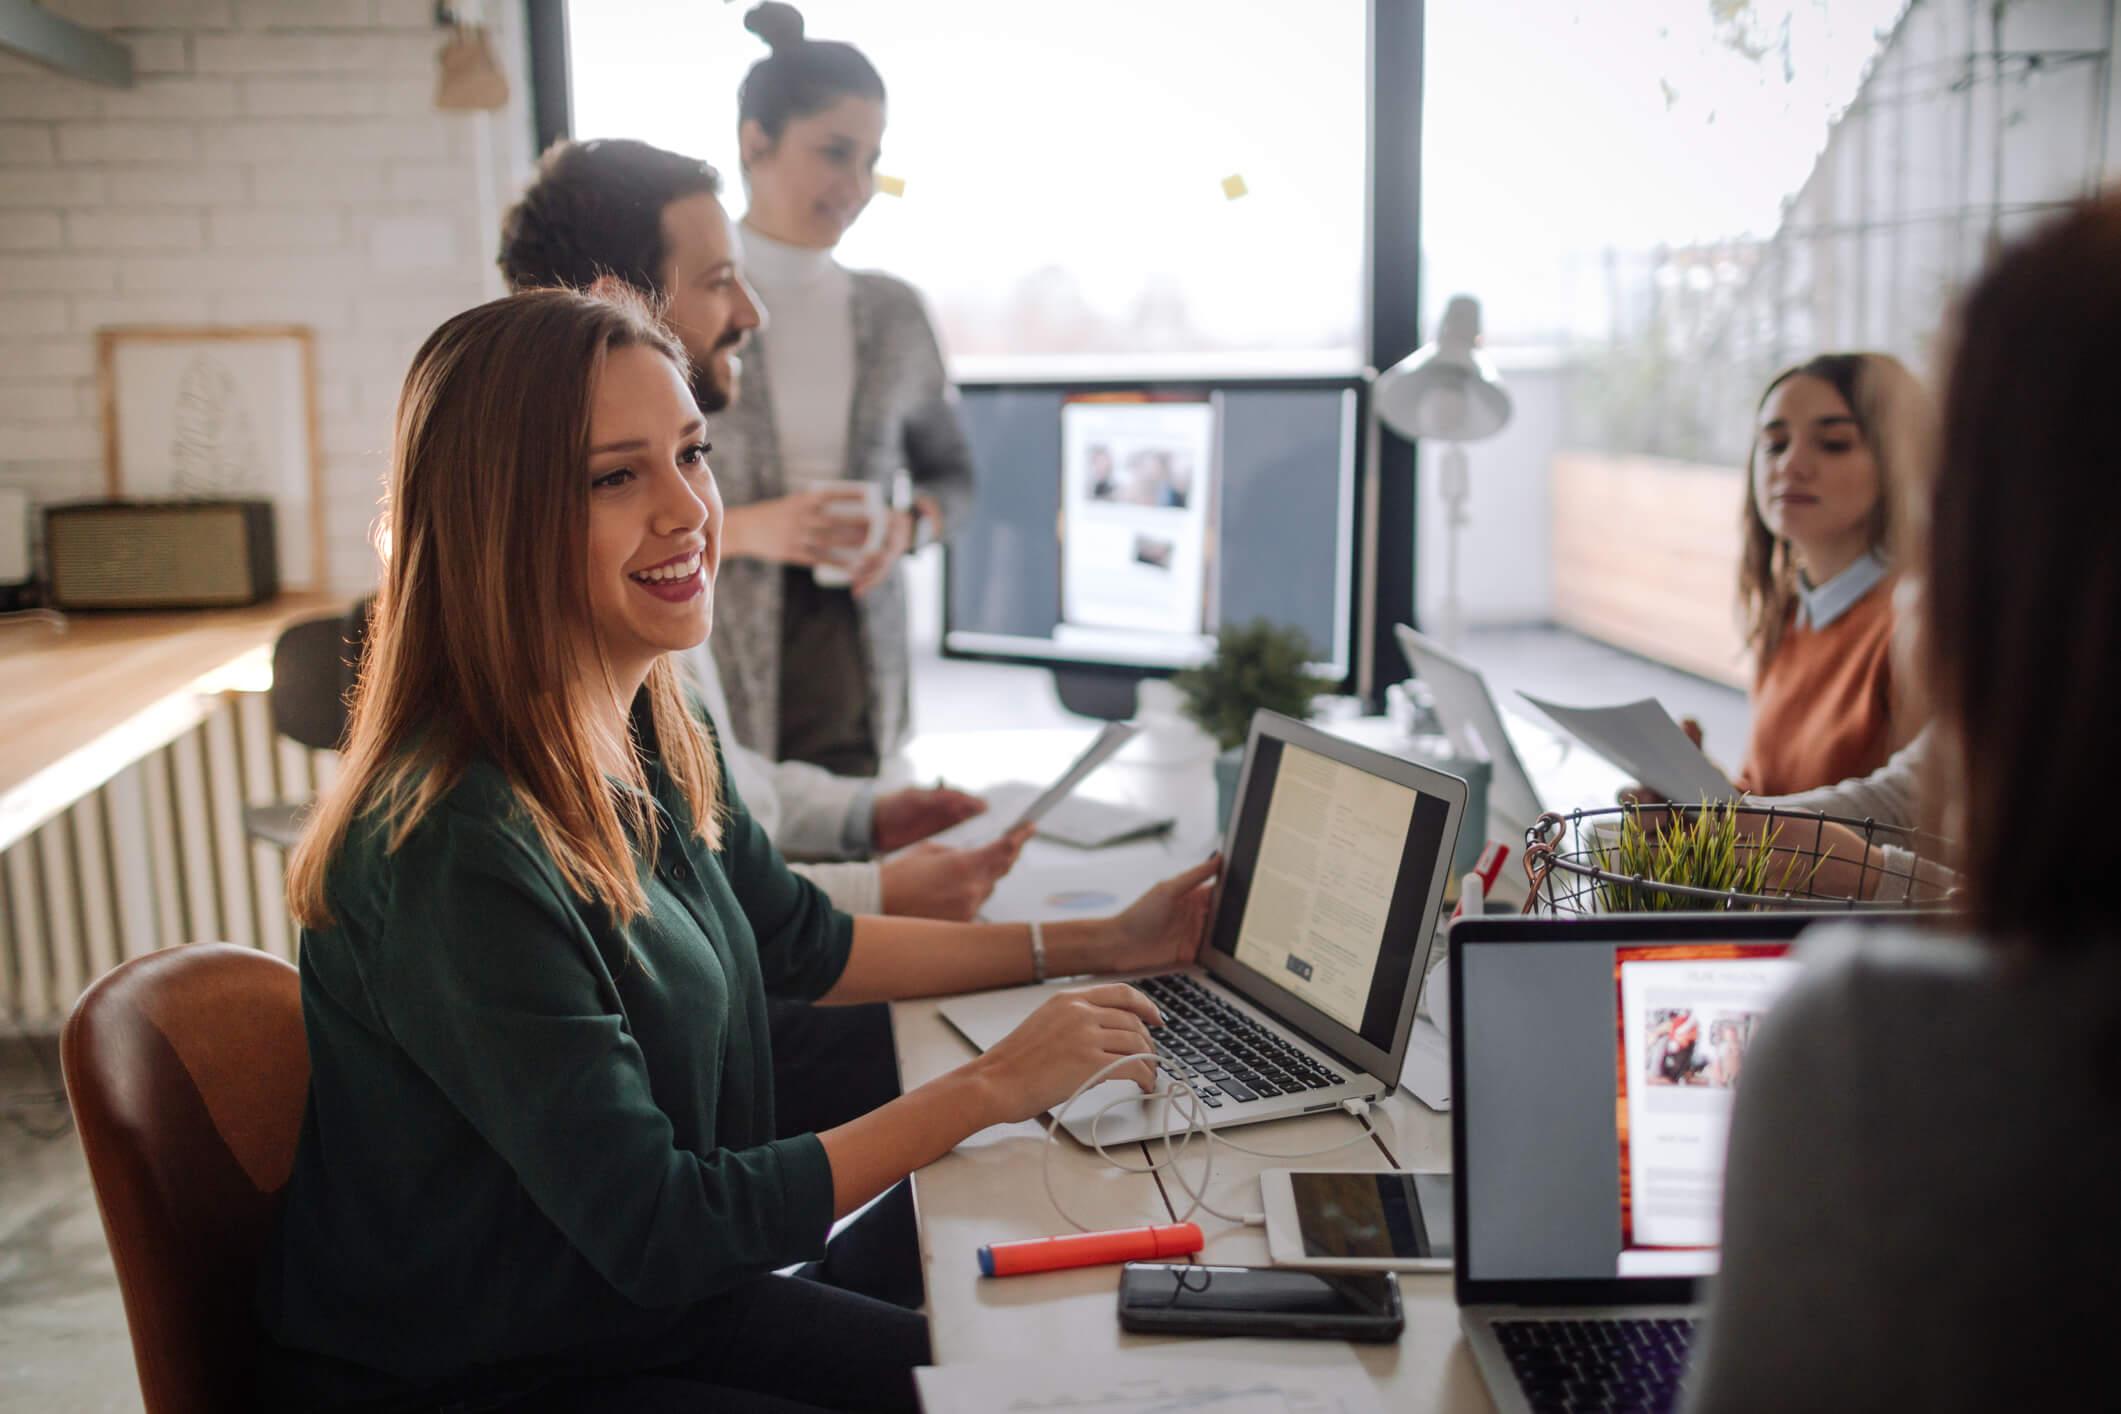 Gestão da inovação: por que o gestor precisa se preparar?